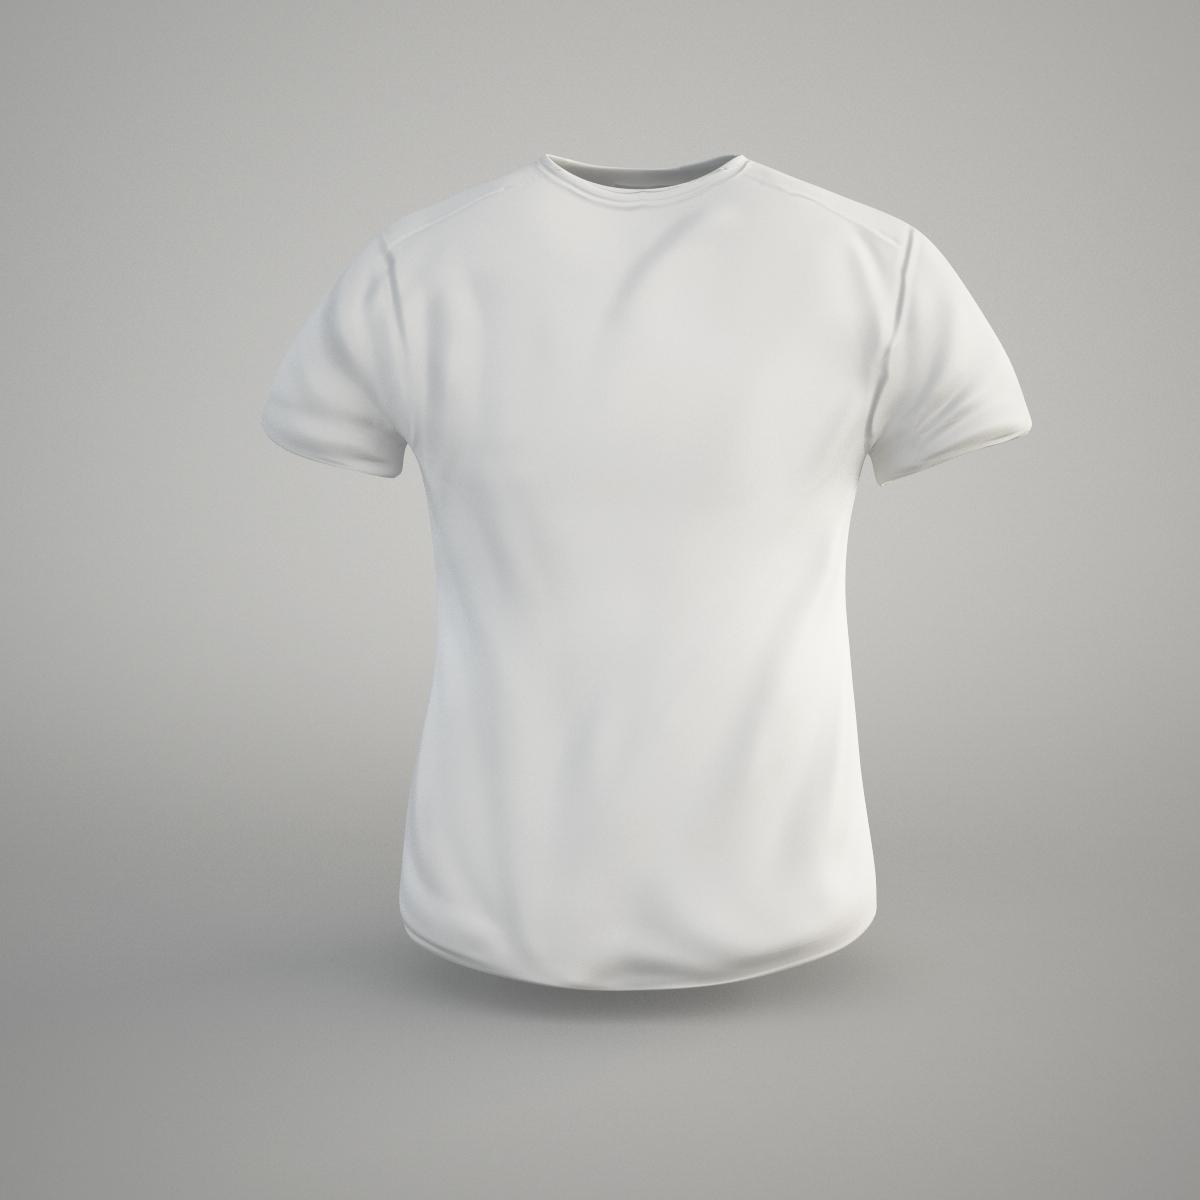 3d model t shirt vr ar low poly obj fbx c4d for Model white t shirt